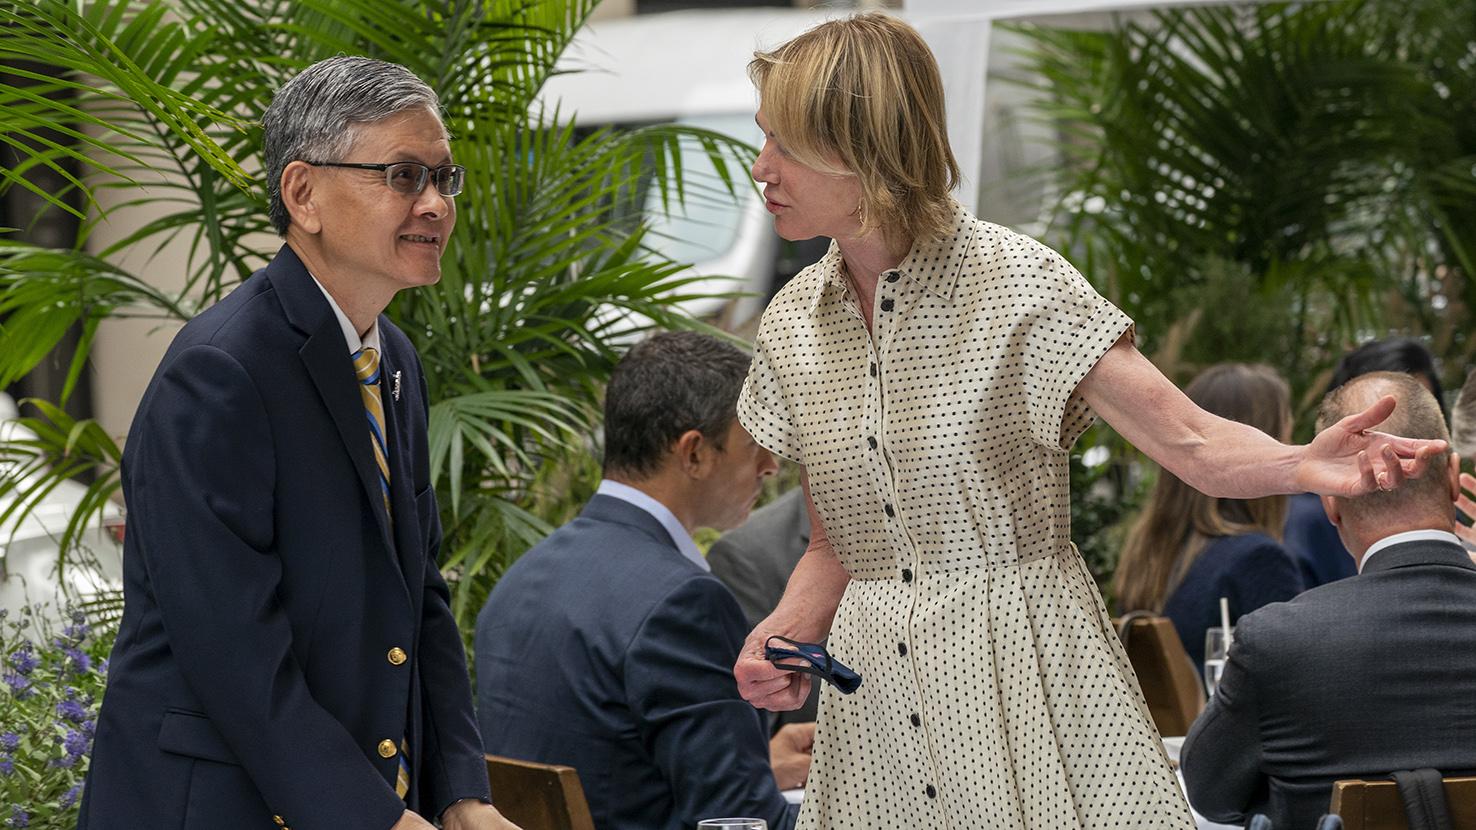 美国驻联合国大使克拉夫特(Kelly Craft)2020年9月16日和台湾驻纽约的台北经济文化办事处处长李光章(左)共进午餐。(美联社)